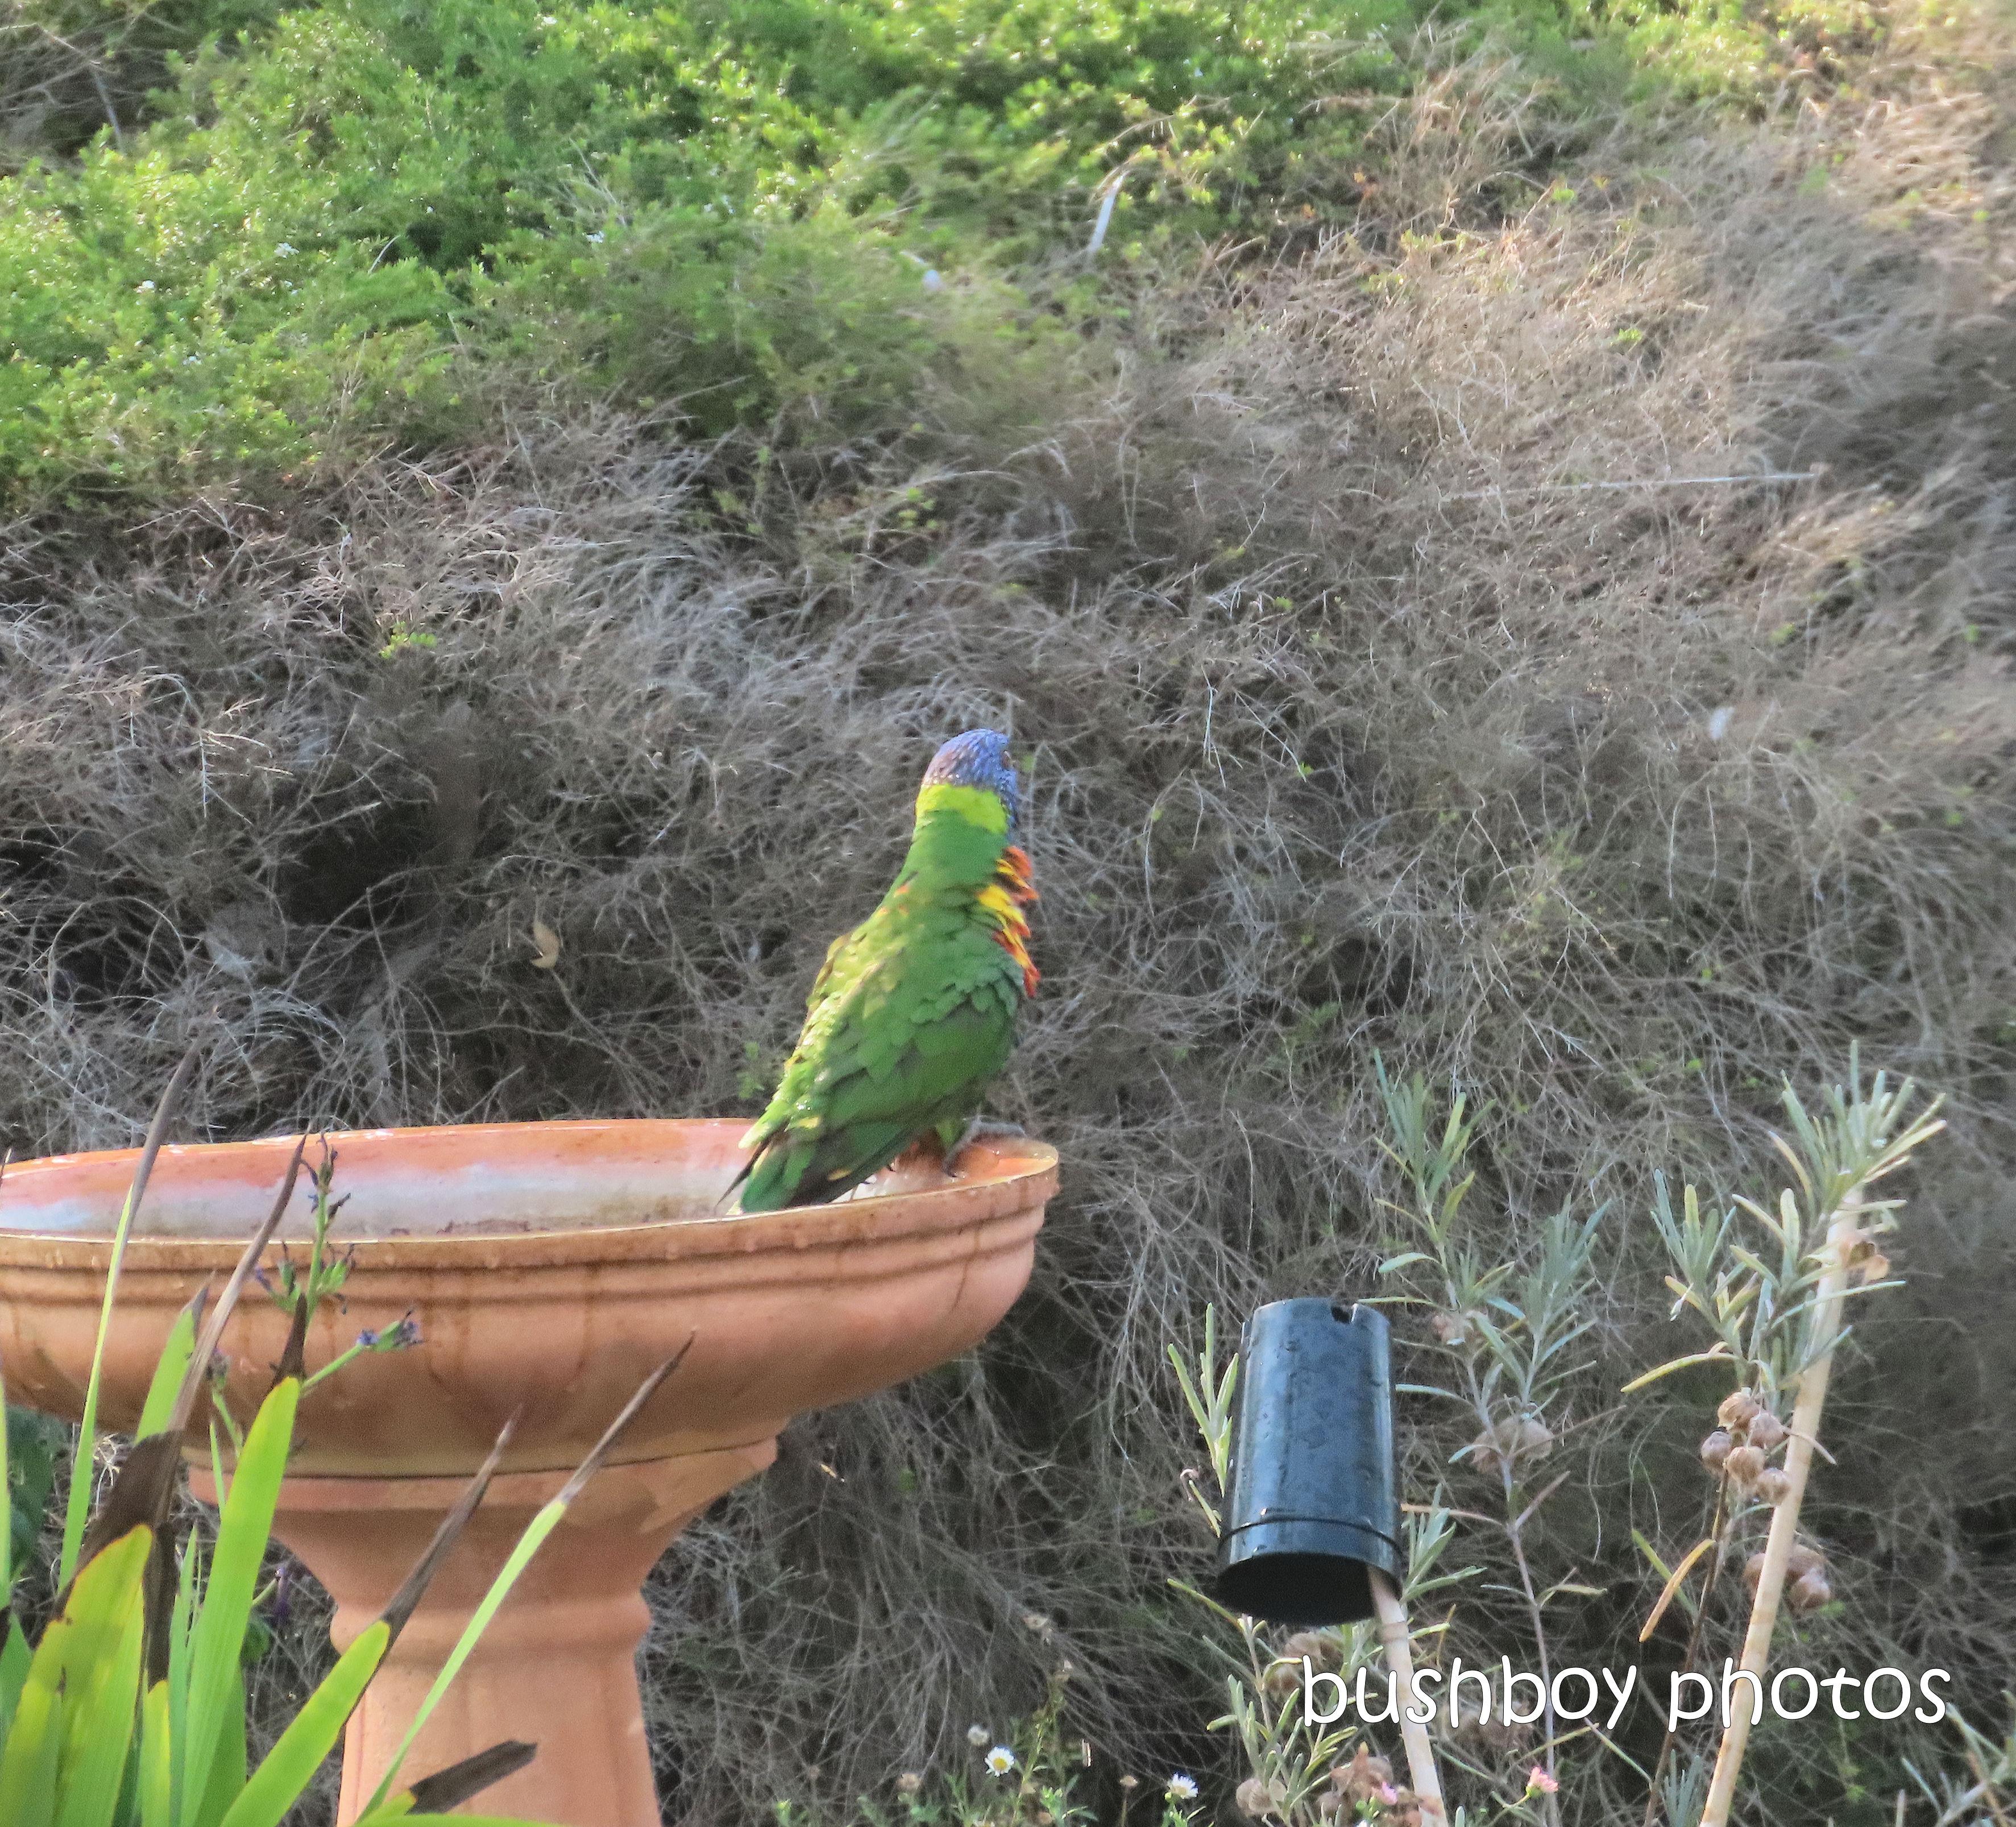 rainbow_lorikeets_bird_bath_fun_splash7_named_caniaba_oct 2019